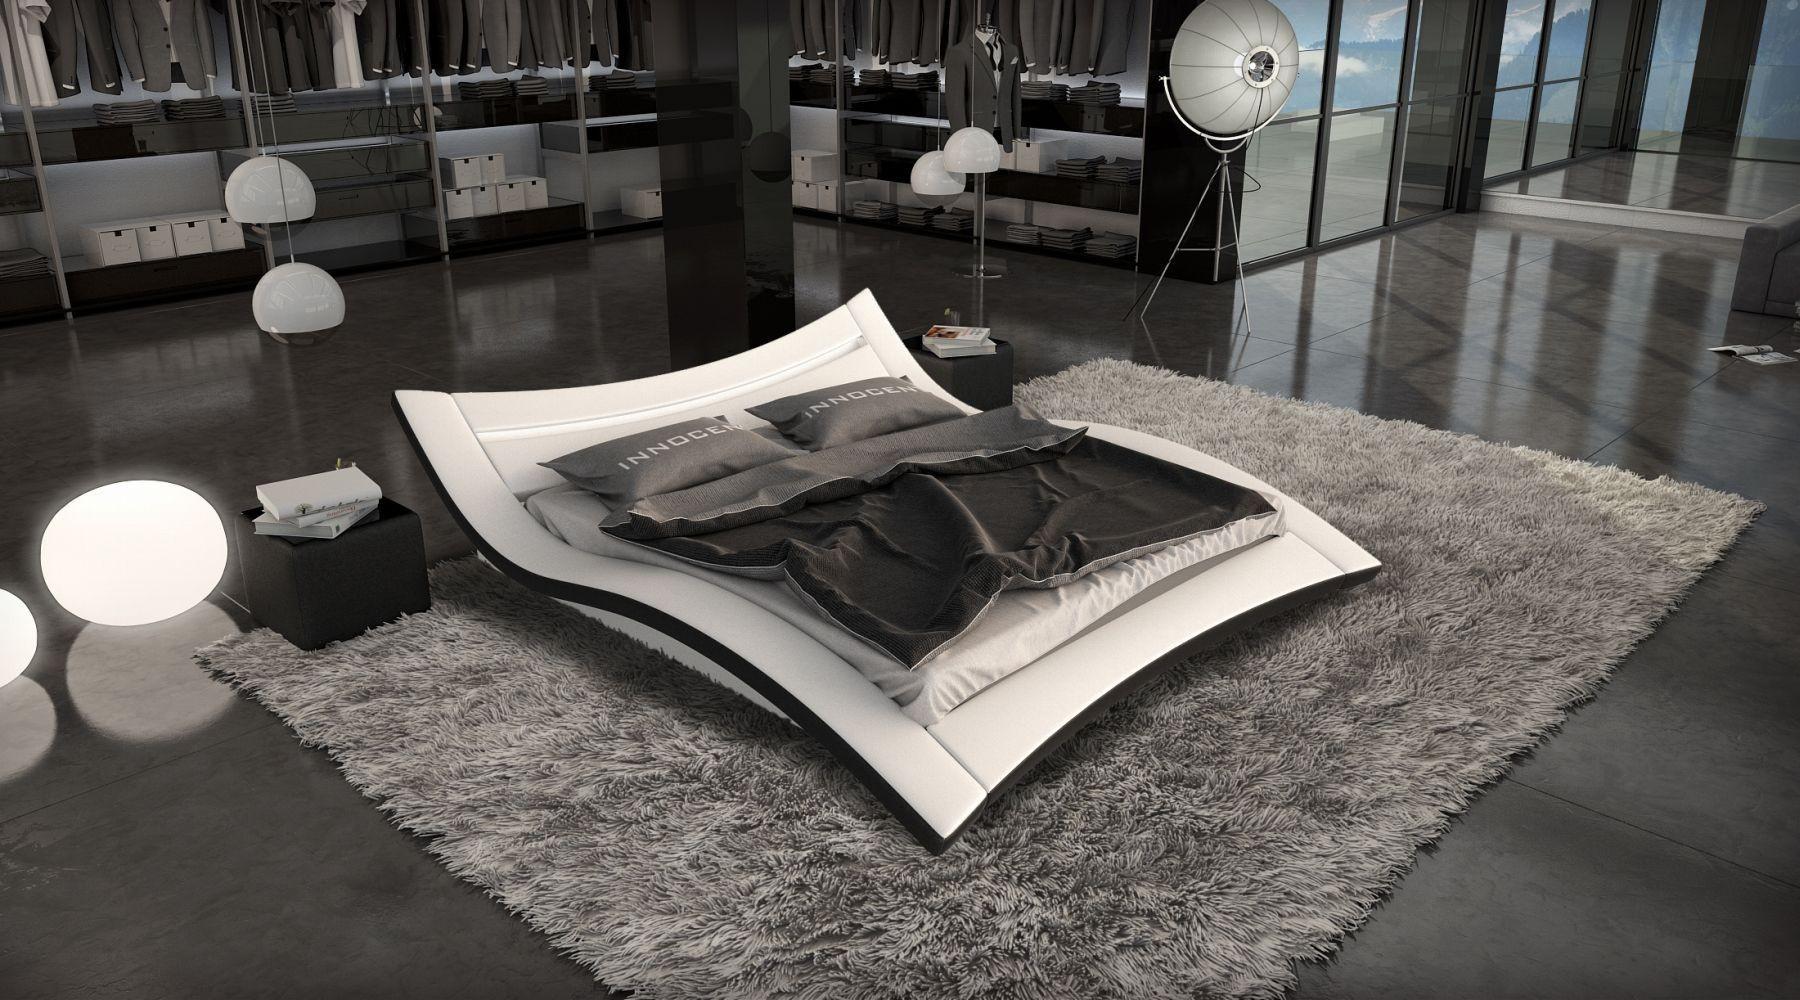 Full Size of Innocent Betten Bett Ancona Mit Ambiente Beleuchtung Komplettes Wohnwert Bock Für übergewichtige Kaufen Günstig Matratze Und Lattenrost 140x200 Schubladen Wohnzimmer Innocent Bett